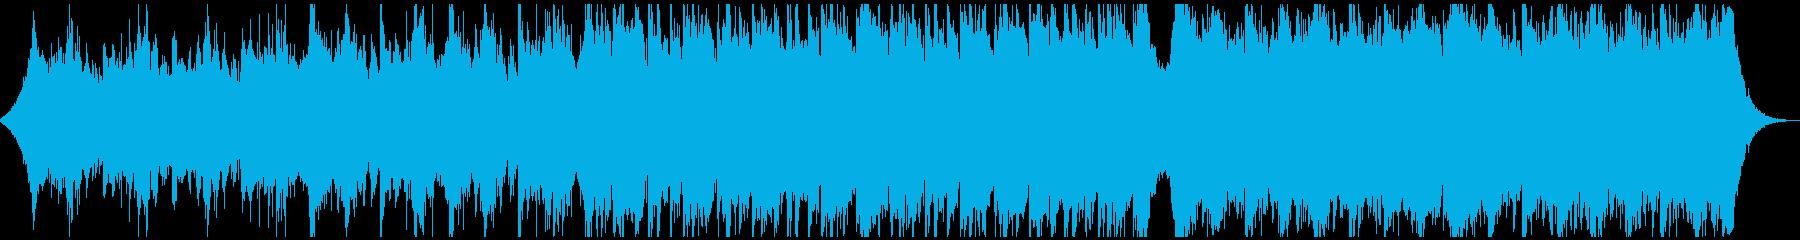 現代的 交響曲 モダン 室内楽 コ...の再生済みの波形